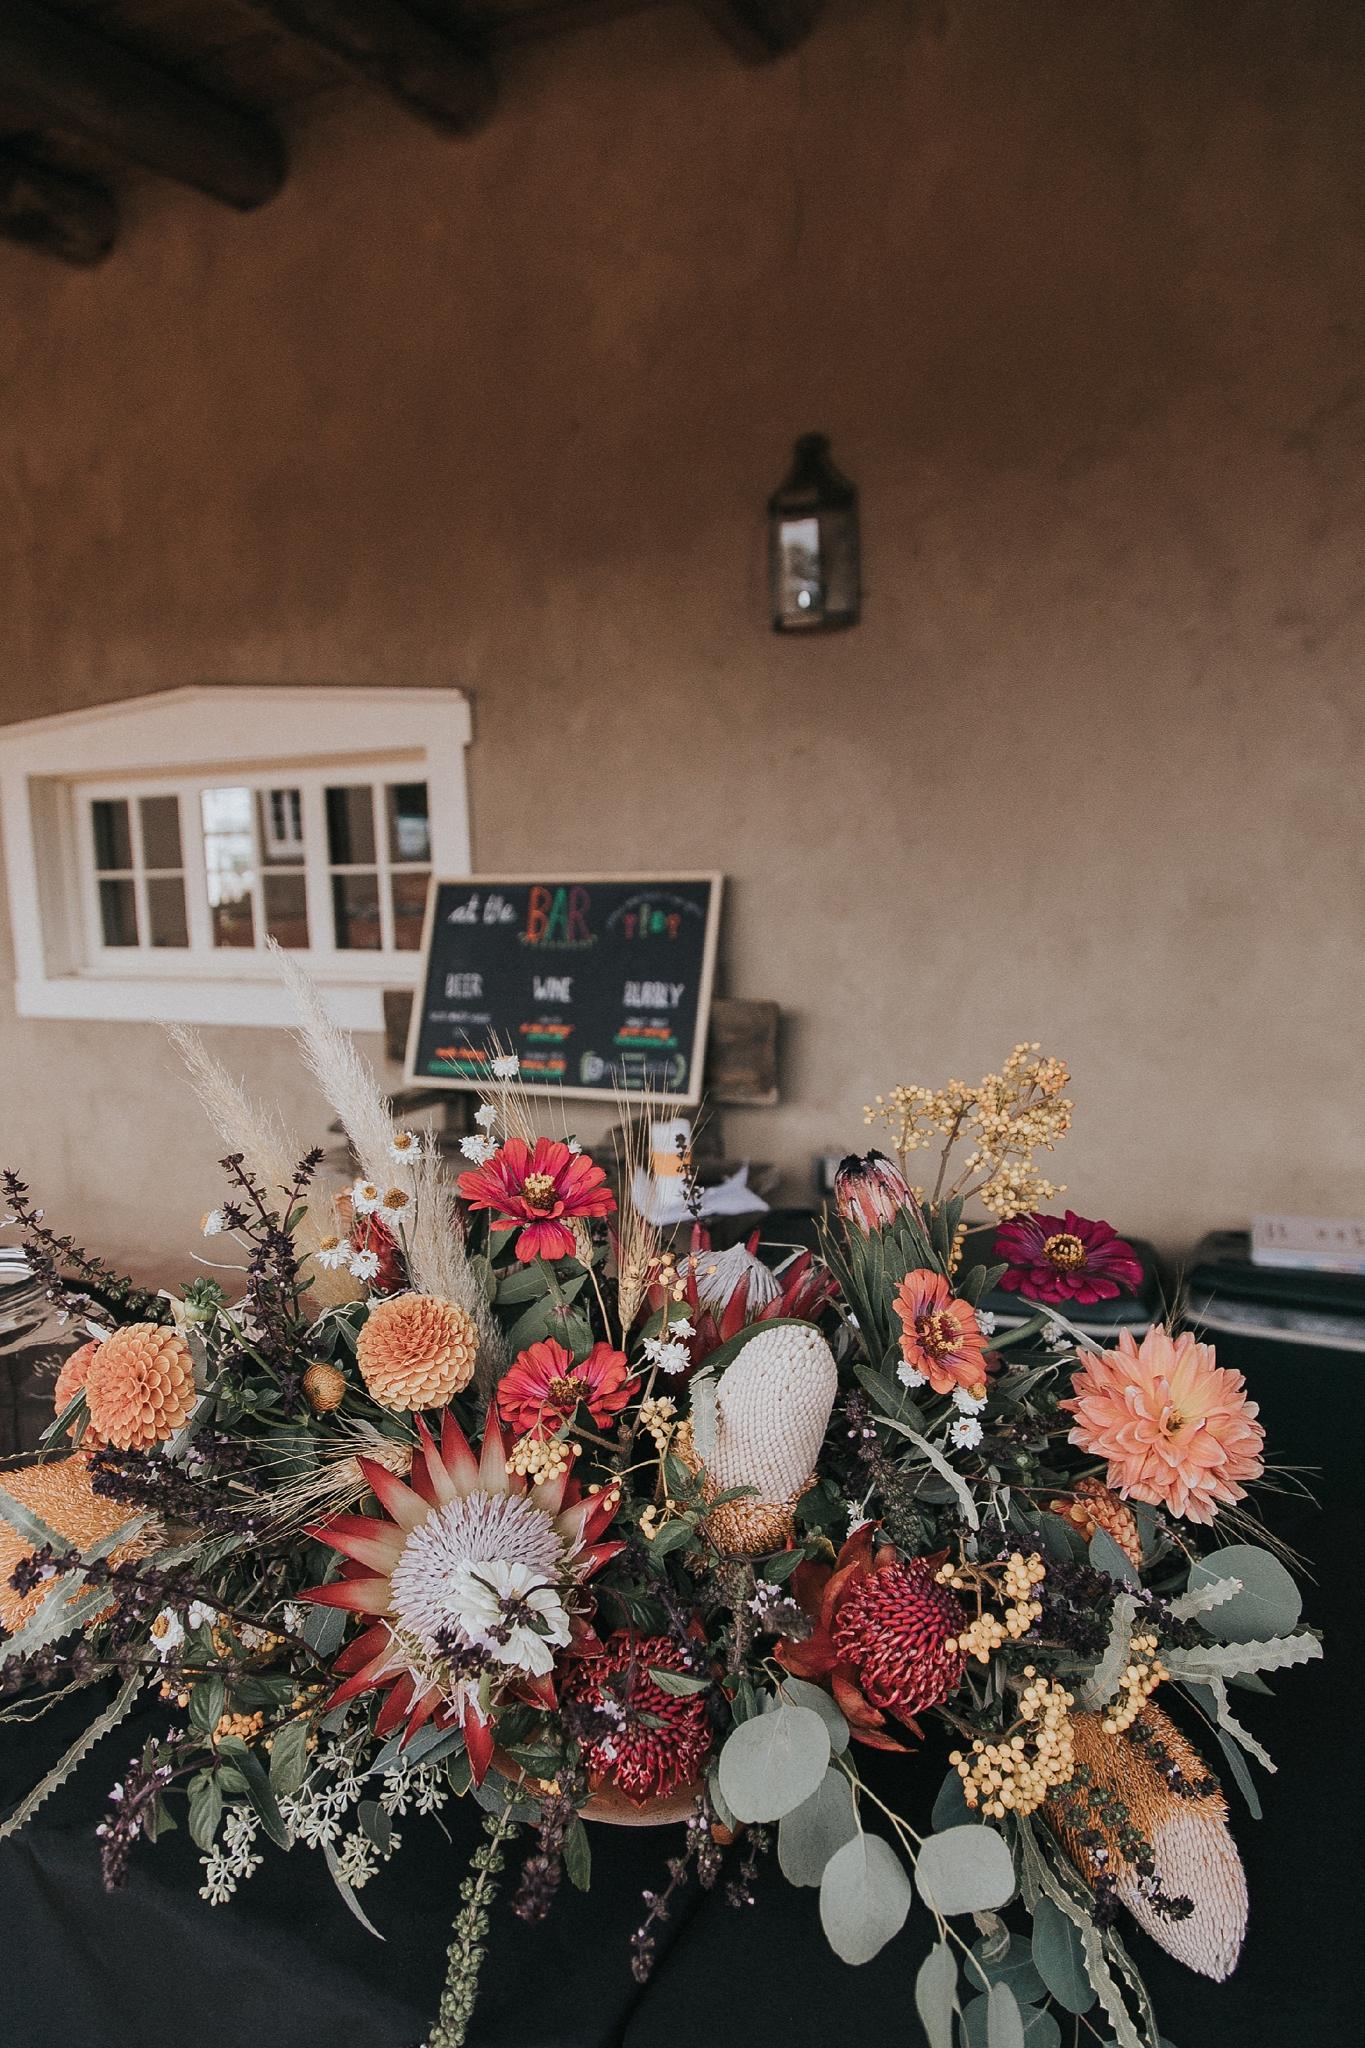 Alicia+lucia+photography+-+albuquerque+wedding+photographer+-+santa+fe+wedding+photography+-+new+mexico+wedding+photographer+-+new+mexico+wedding+-+new+mexico+florist+-+floriography+flowers+-+floriography+flowers+new+mexico+-+wedding+florist_0096.jpg